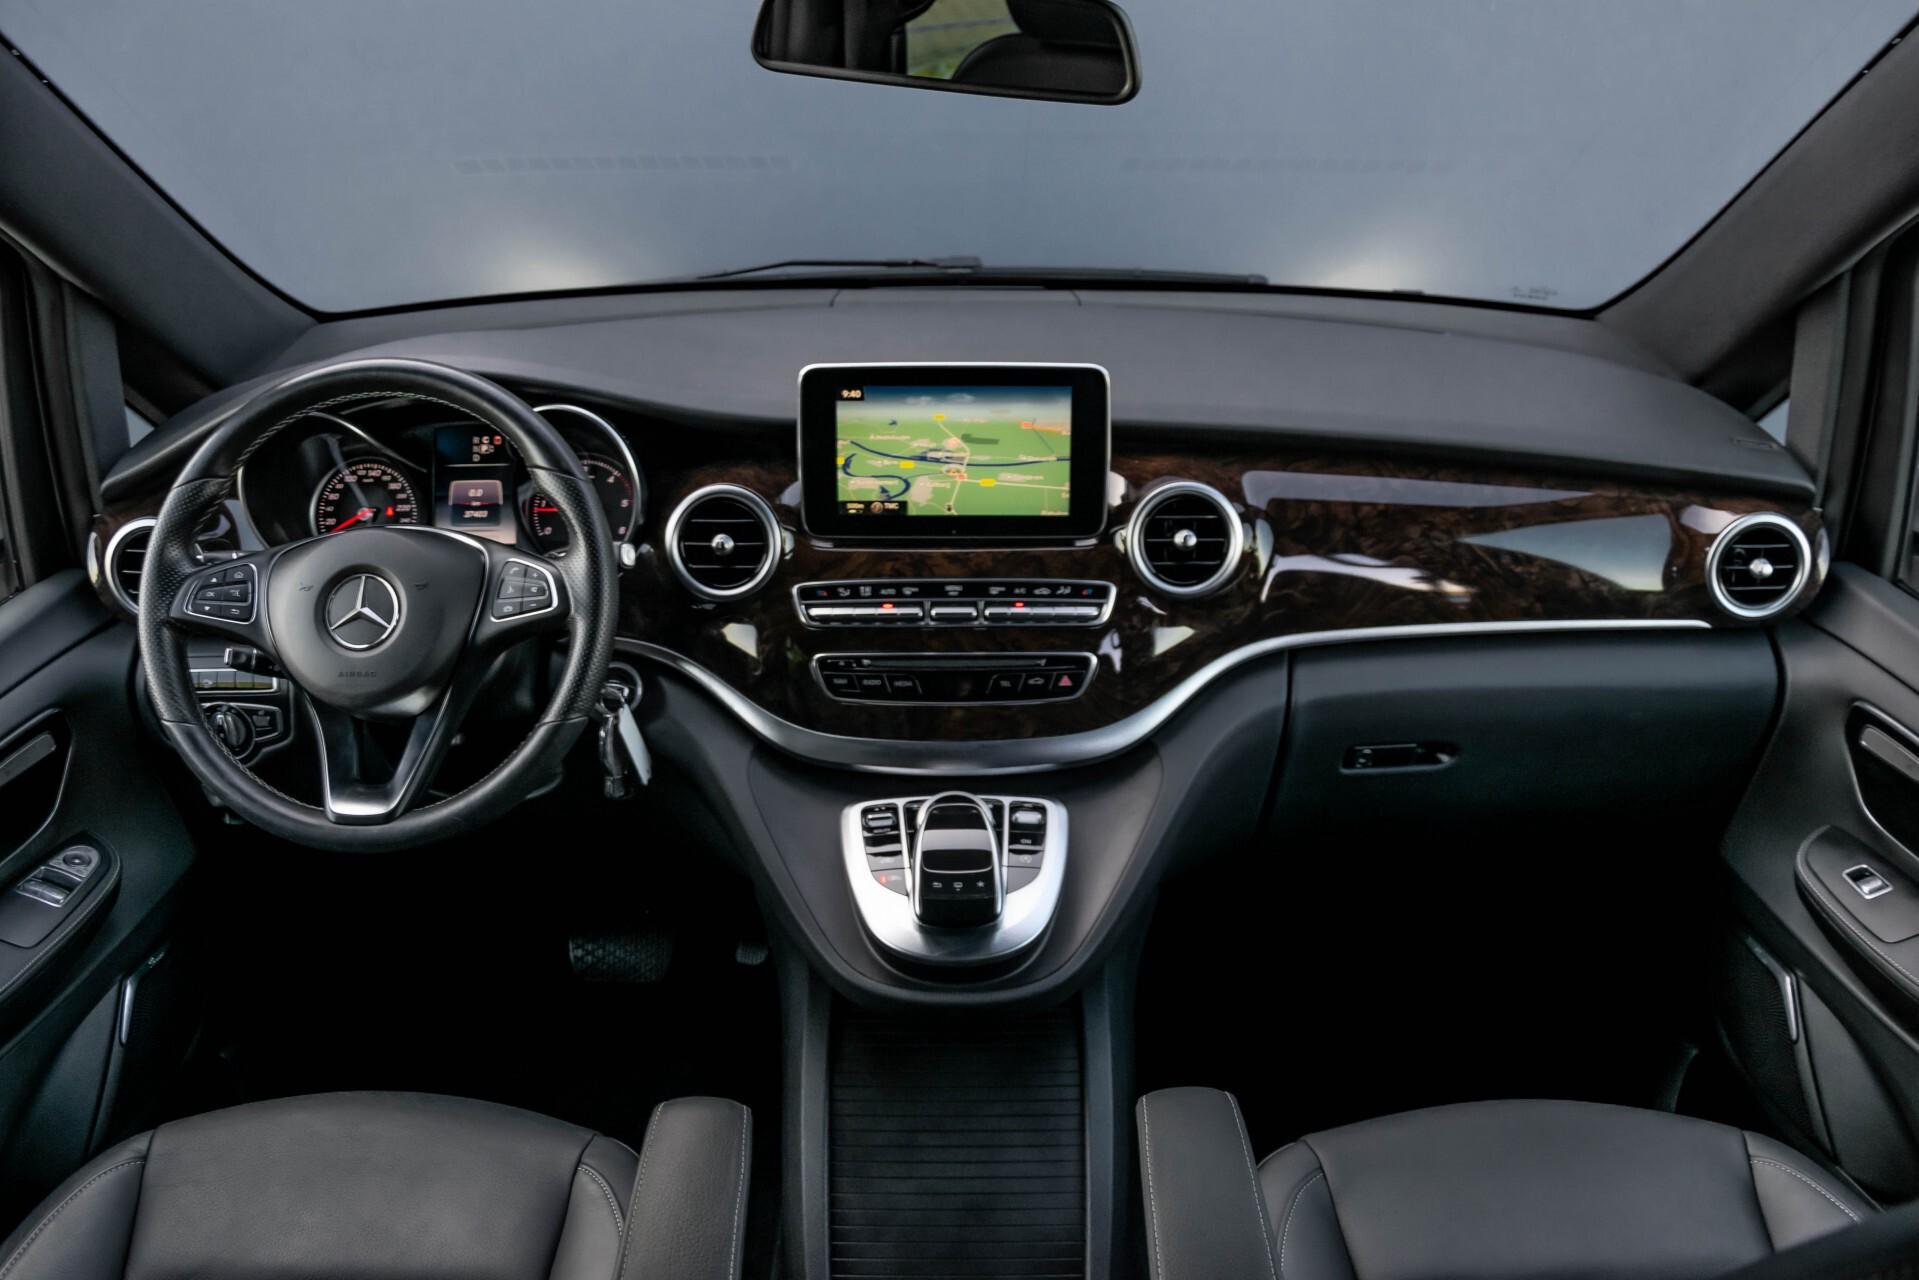 Mercedes-Benz V-Klasse 220d Extra Lang 8-Persoons Avantgarde Edition Burmester/360camera/spoorpakket/ILS Aut7 Foto 8